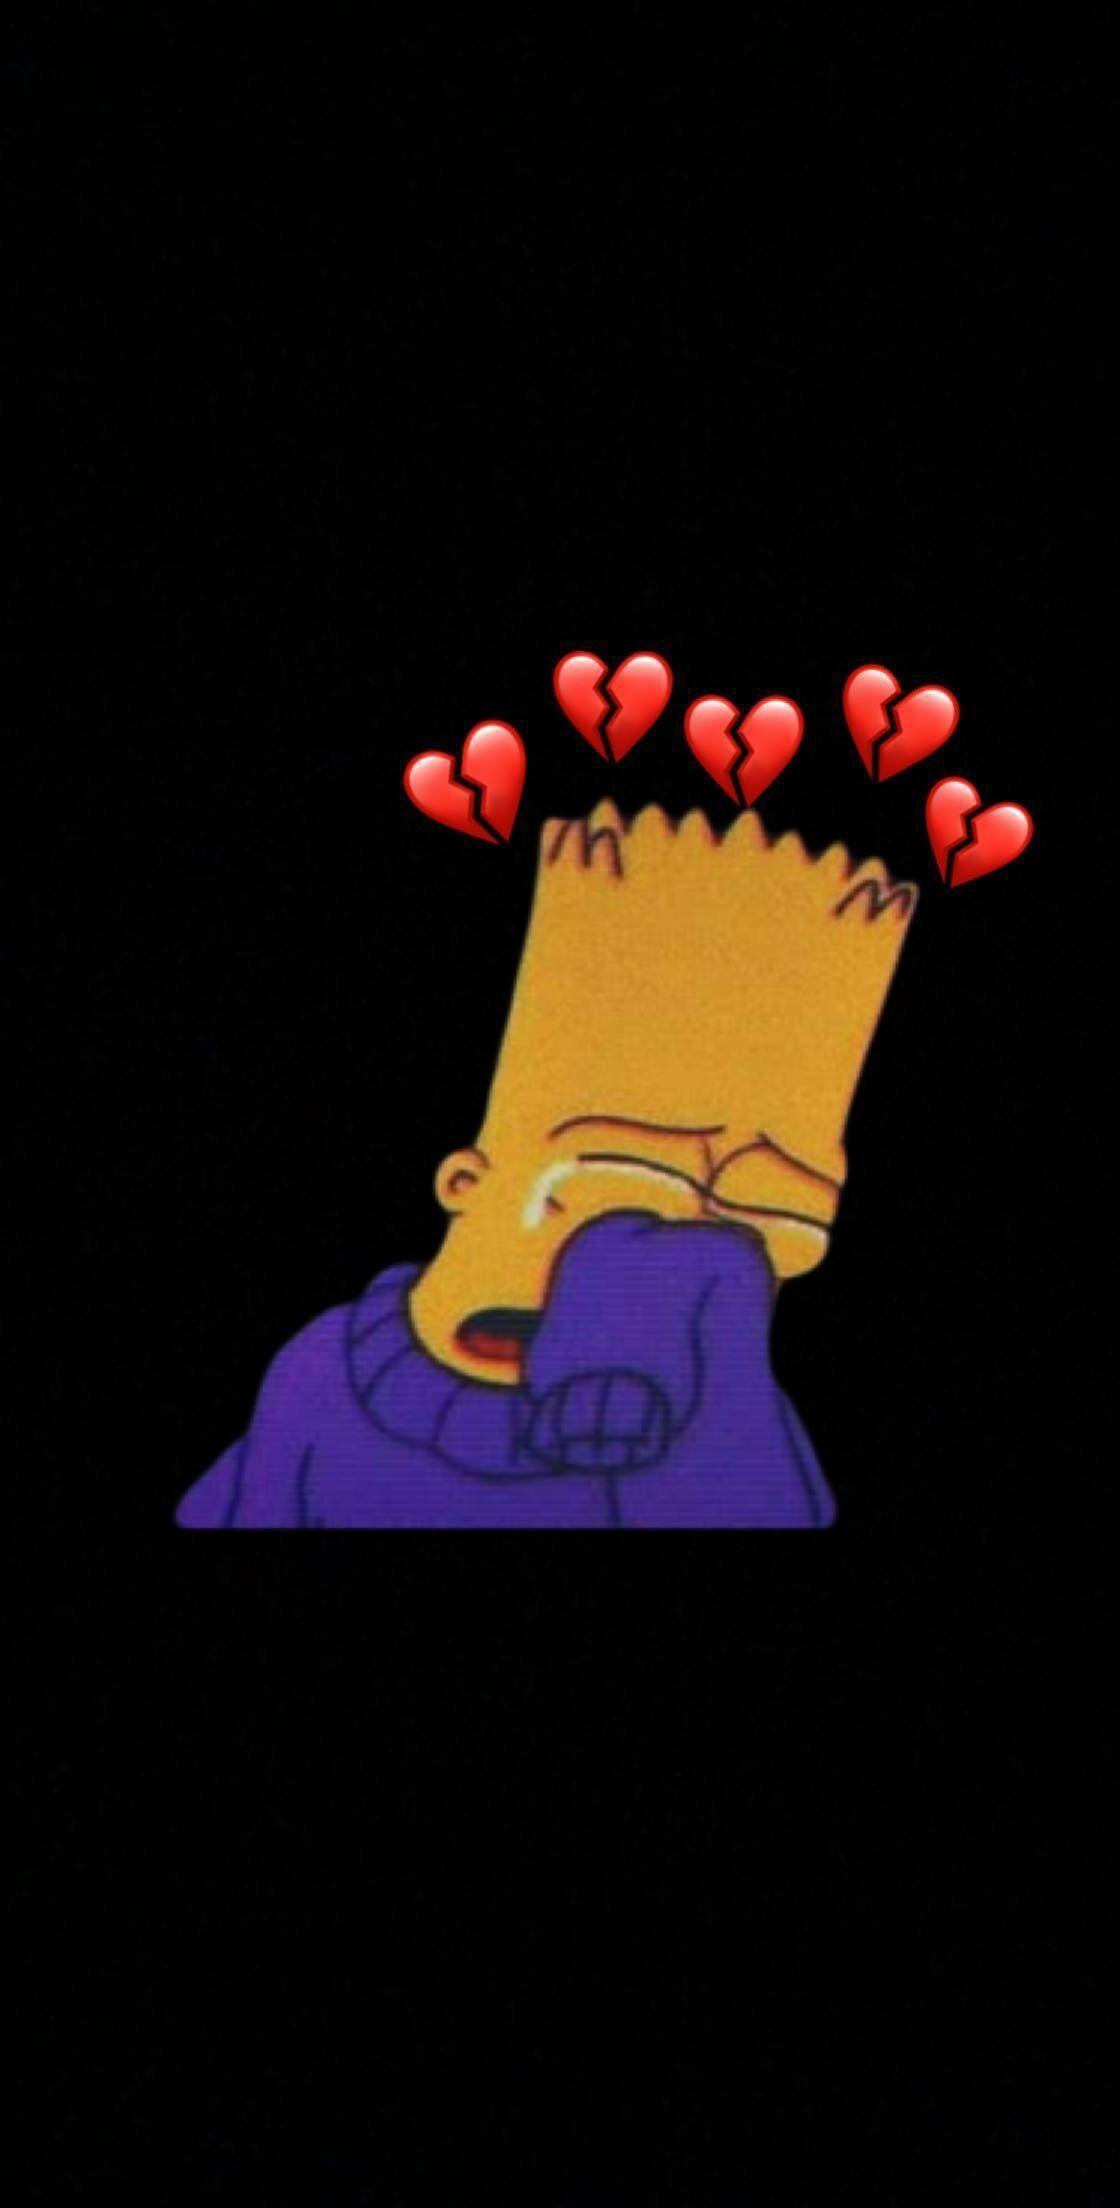 Depressed Simpsons Wallpapers Top Free Depressed Simpsons Backgrounds Wallpaperaccess